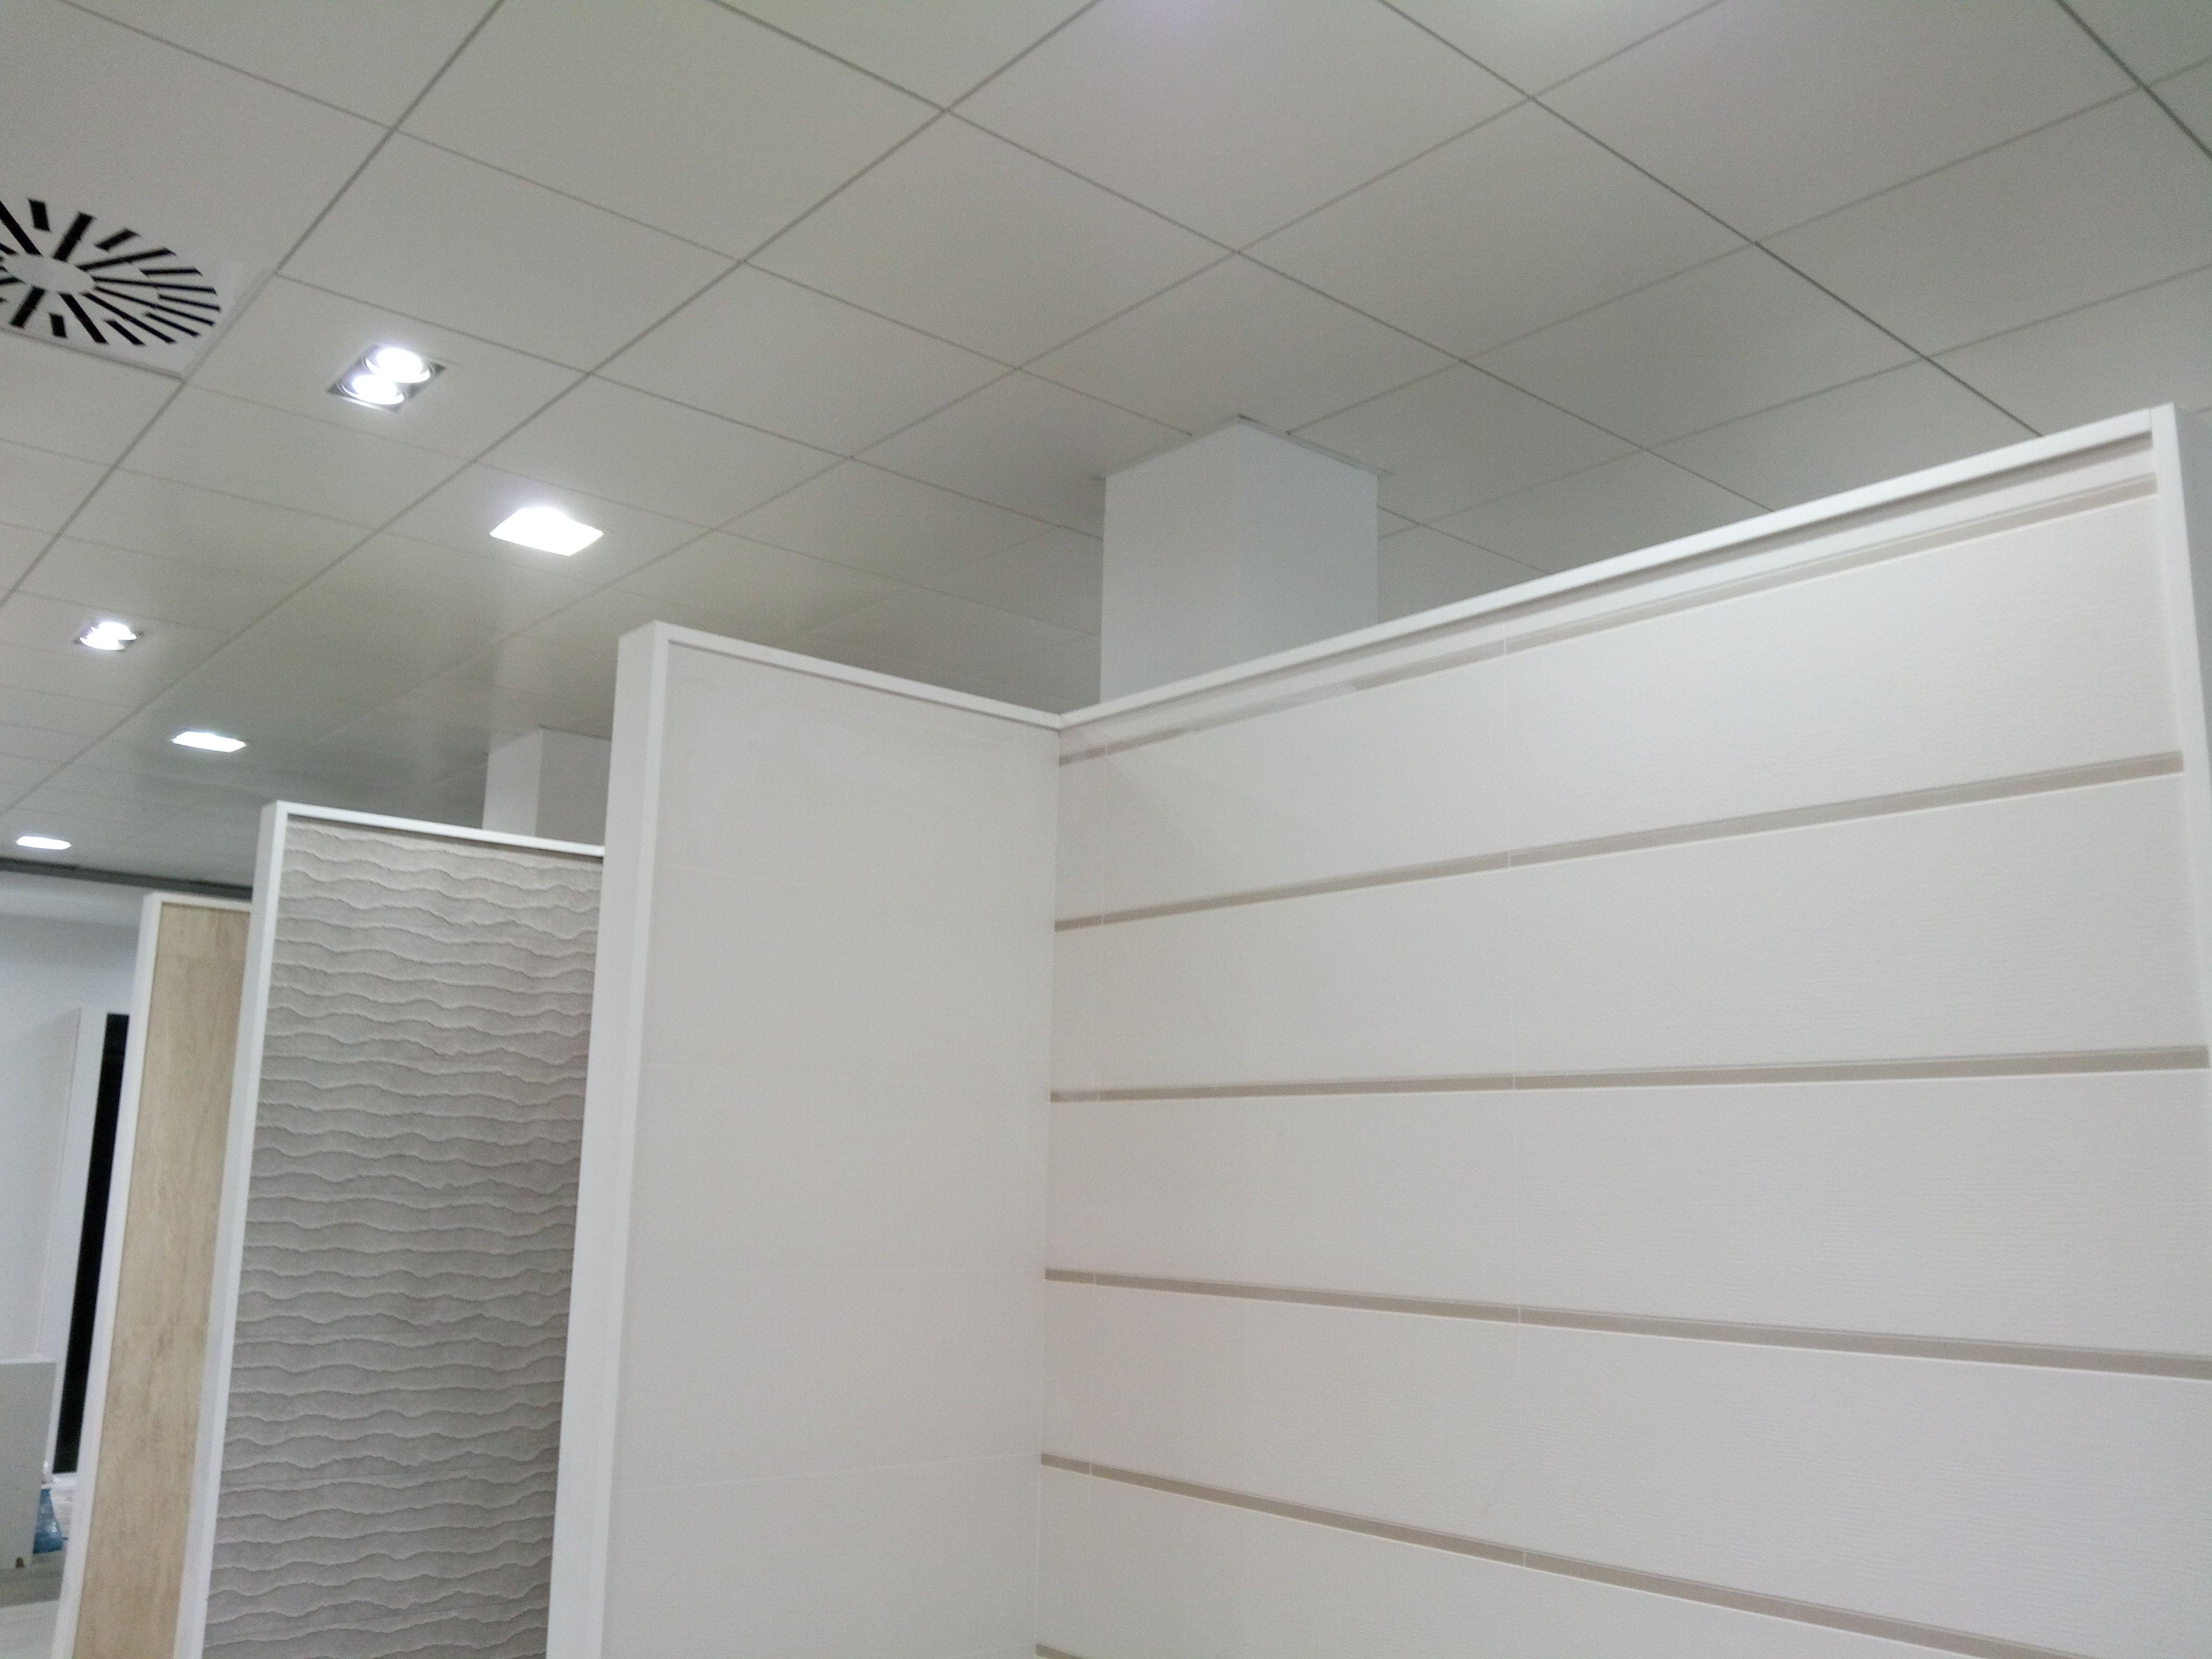 Foto 49 de Aislamientos acústicos y térmicos en Almería | Acoustic Drywall